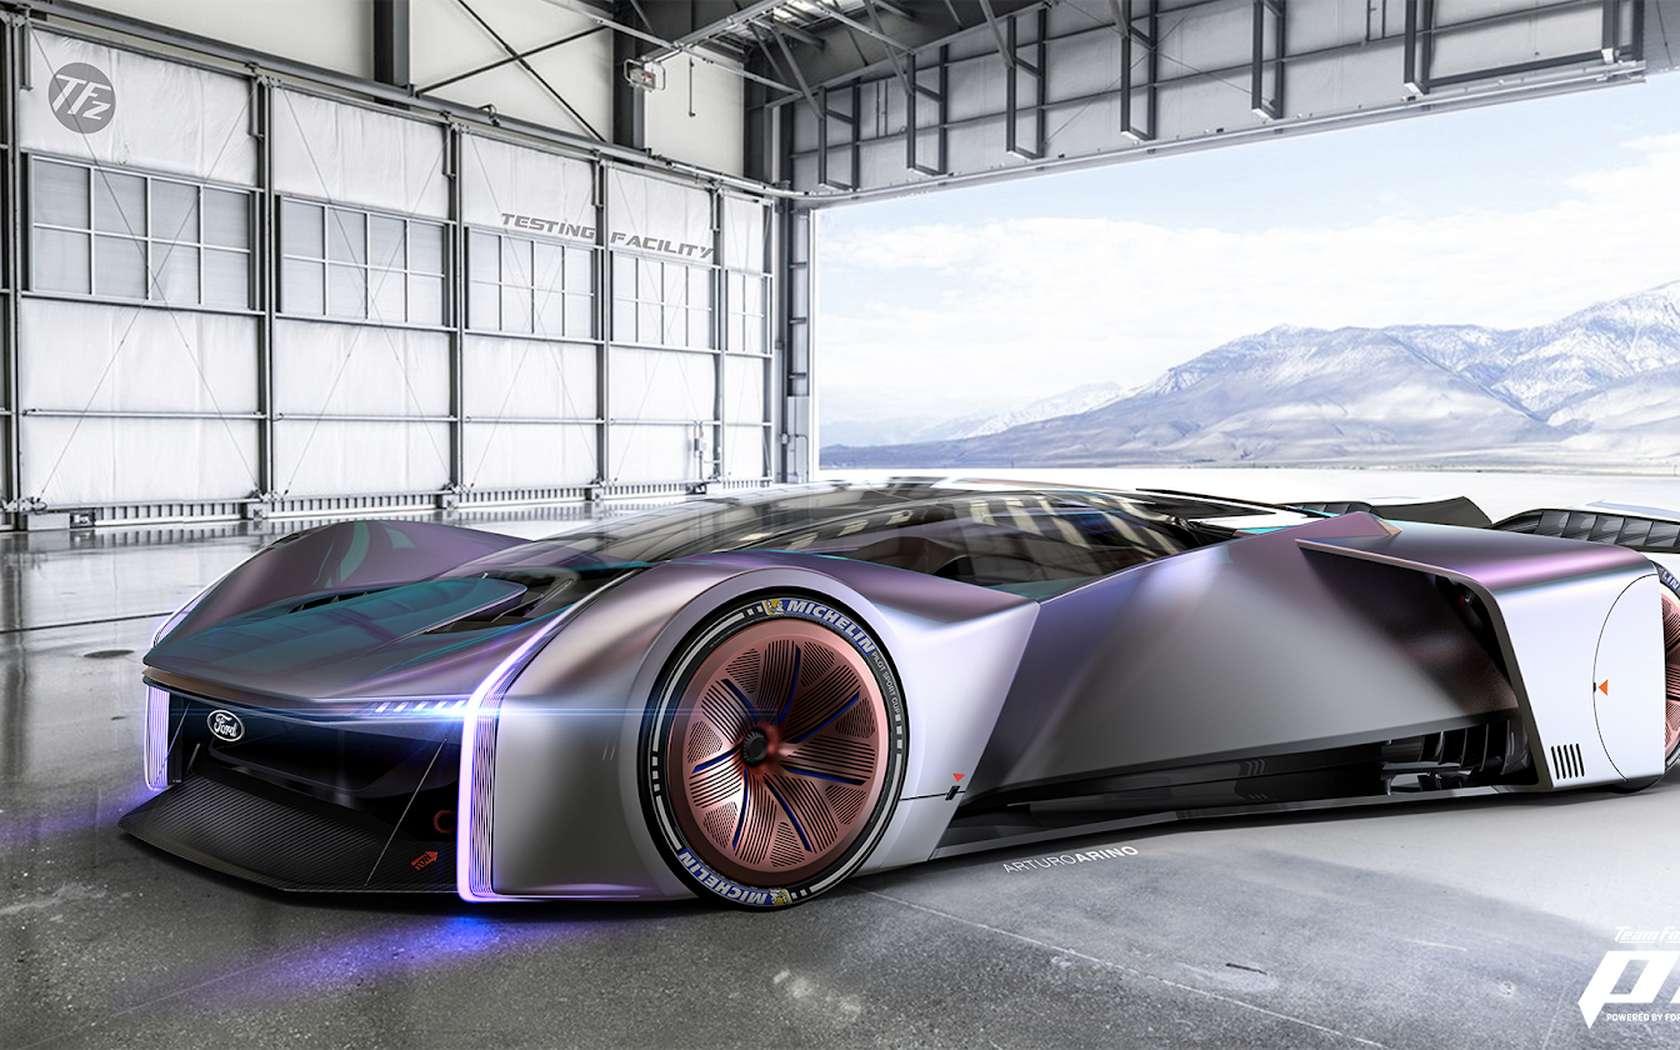 Ford presenta su auto de carreras virtual inspirado en Ford GT